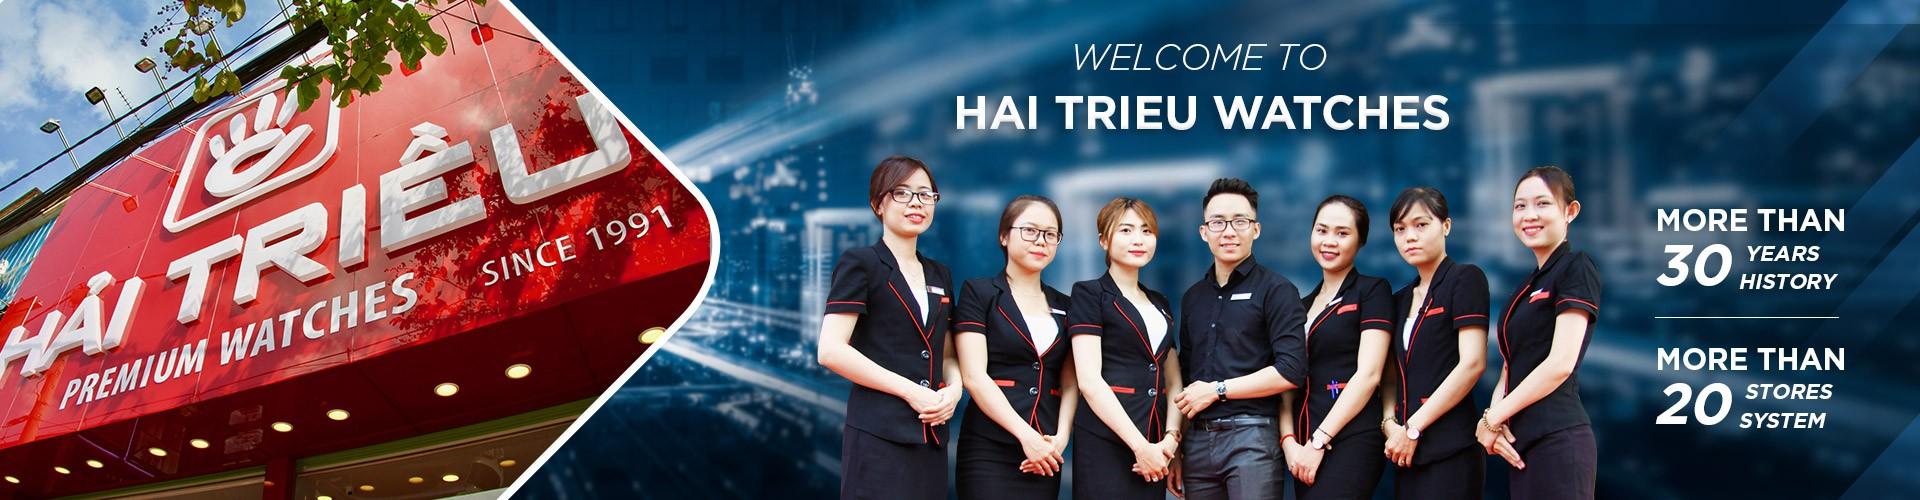 wellcome to Hai Trieu